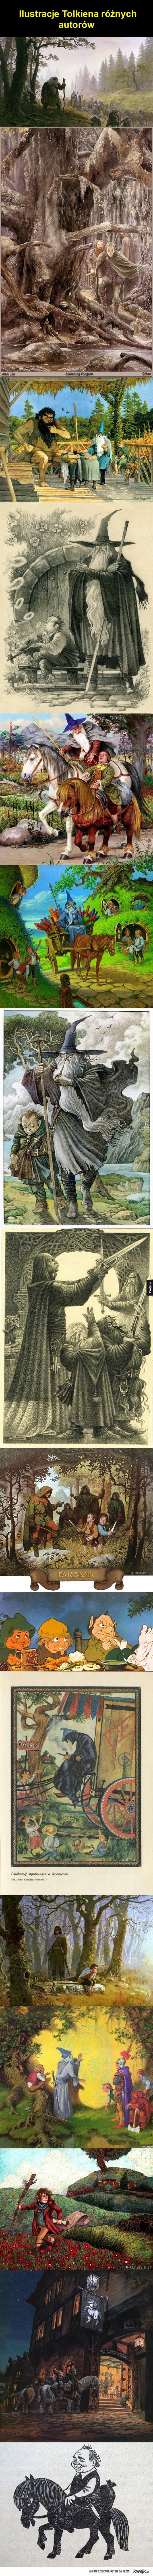 Ilustracje Tolkiena różnych autorów